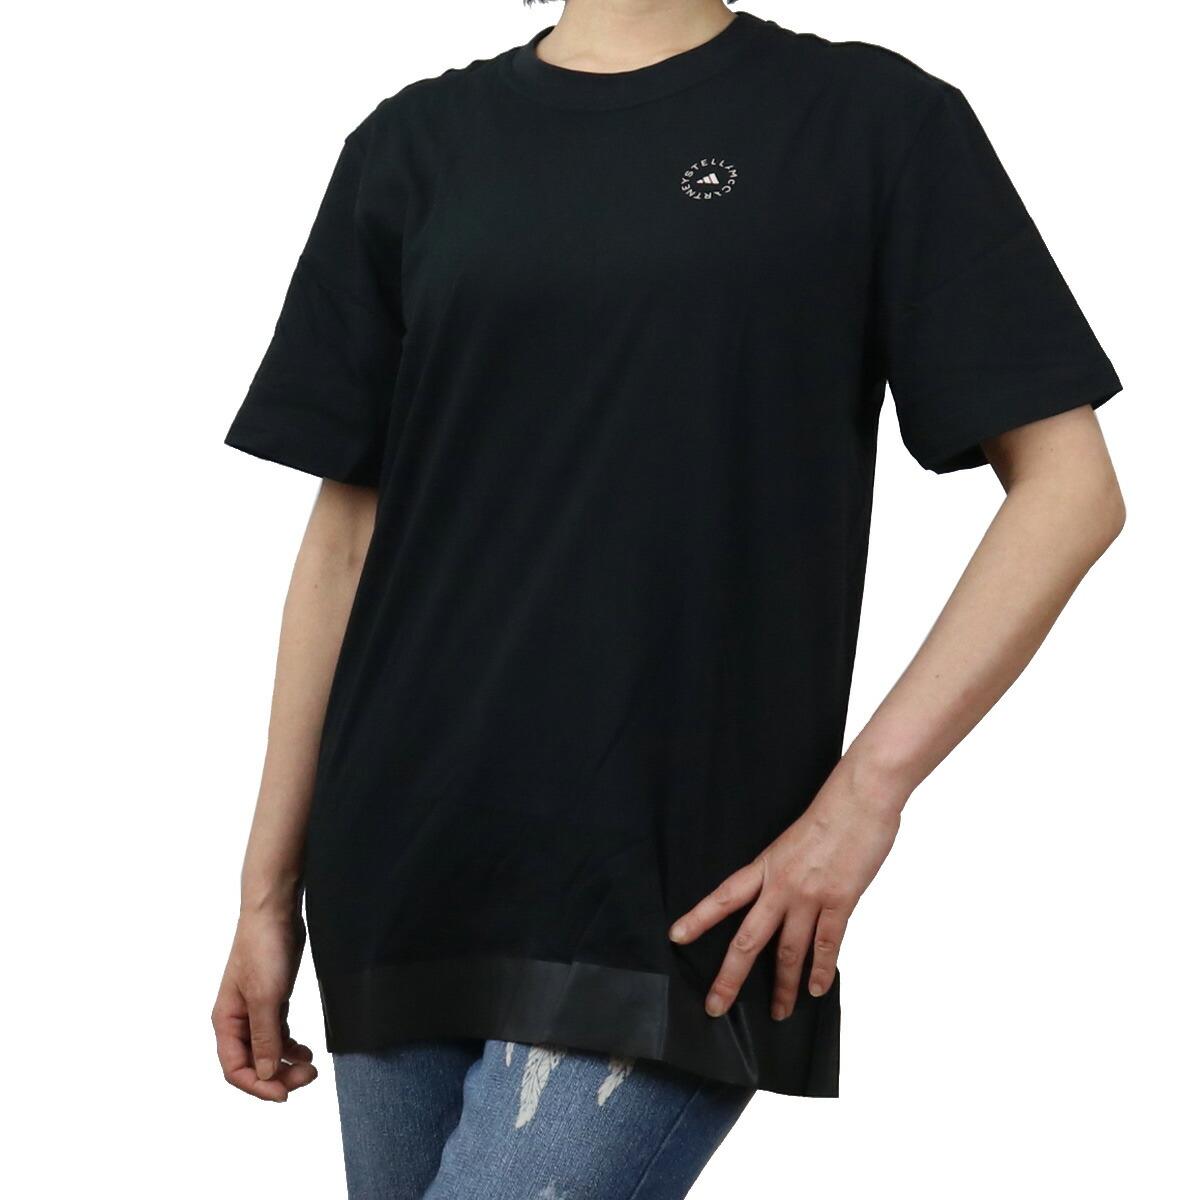 アディダスバイステラマッカートニー ADIDAS BY STELLA MCCARTNY レディース-Tシャツ アディダス コラボ adidas FU3977 ブラック bos-01 apparel-01 レディース ts-01